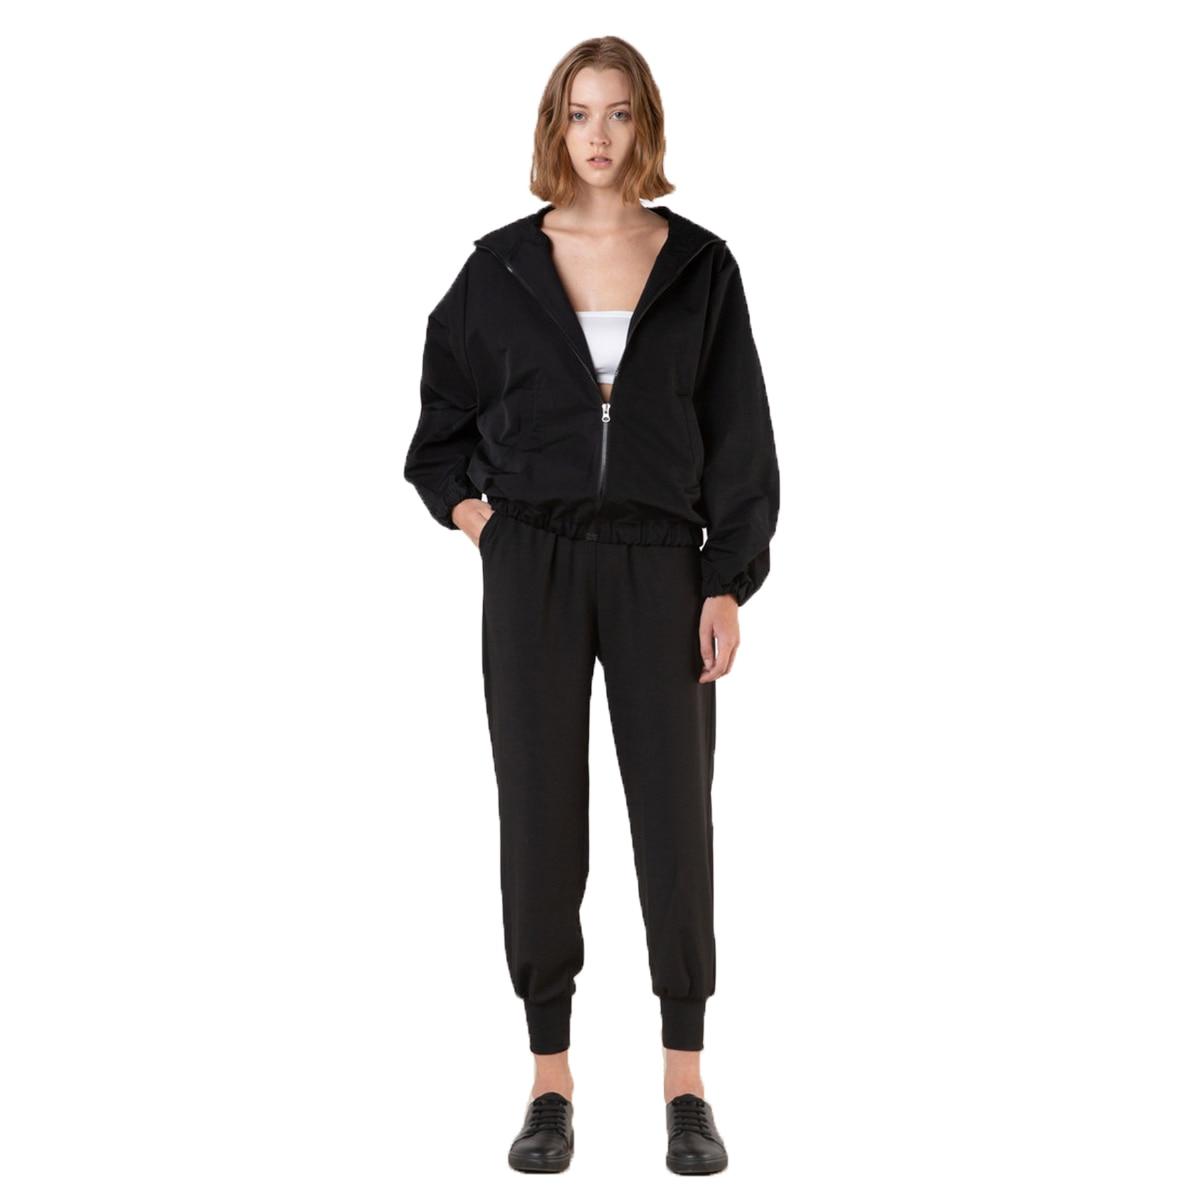 Для женщин куртка спорт осень-весна Свободные пиджаки с капюшоном Мода Повседневное простые черные женский кардиган и куртки